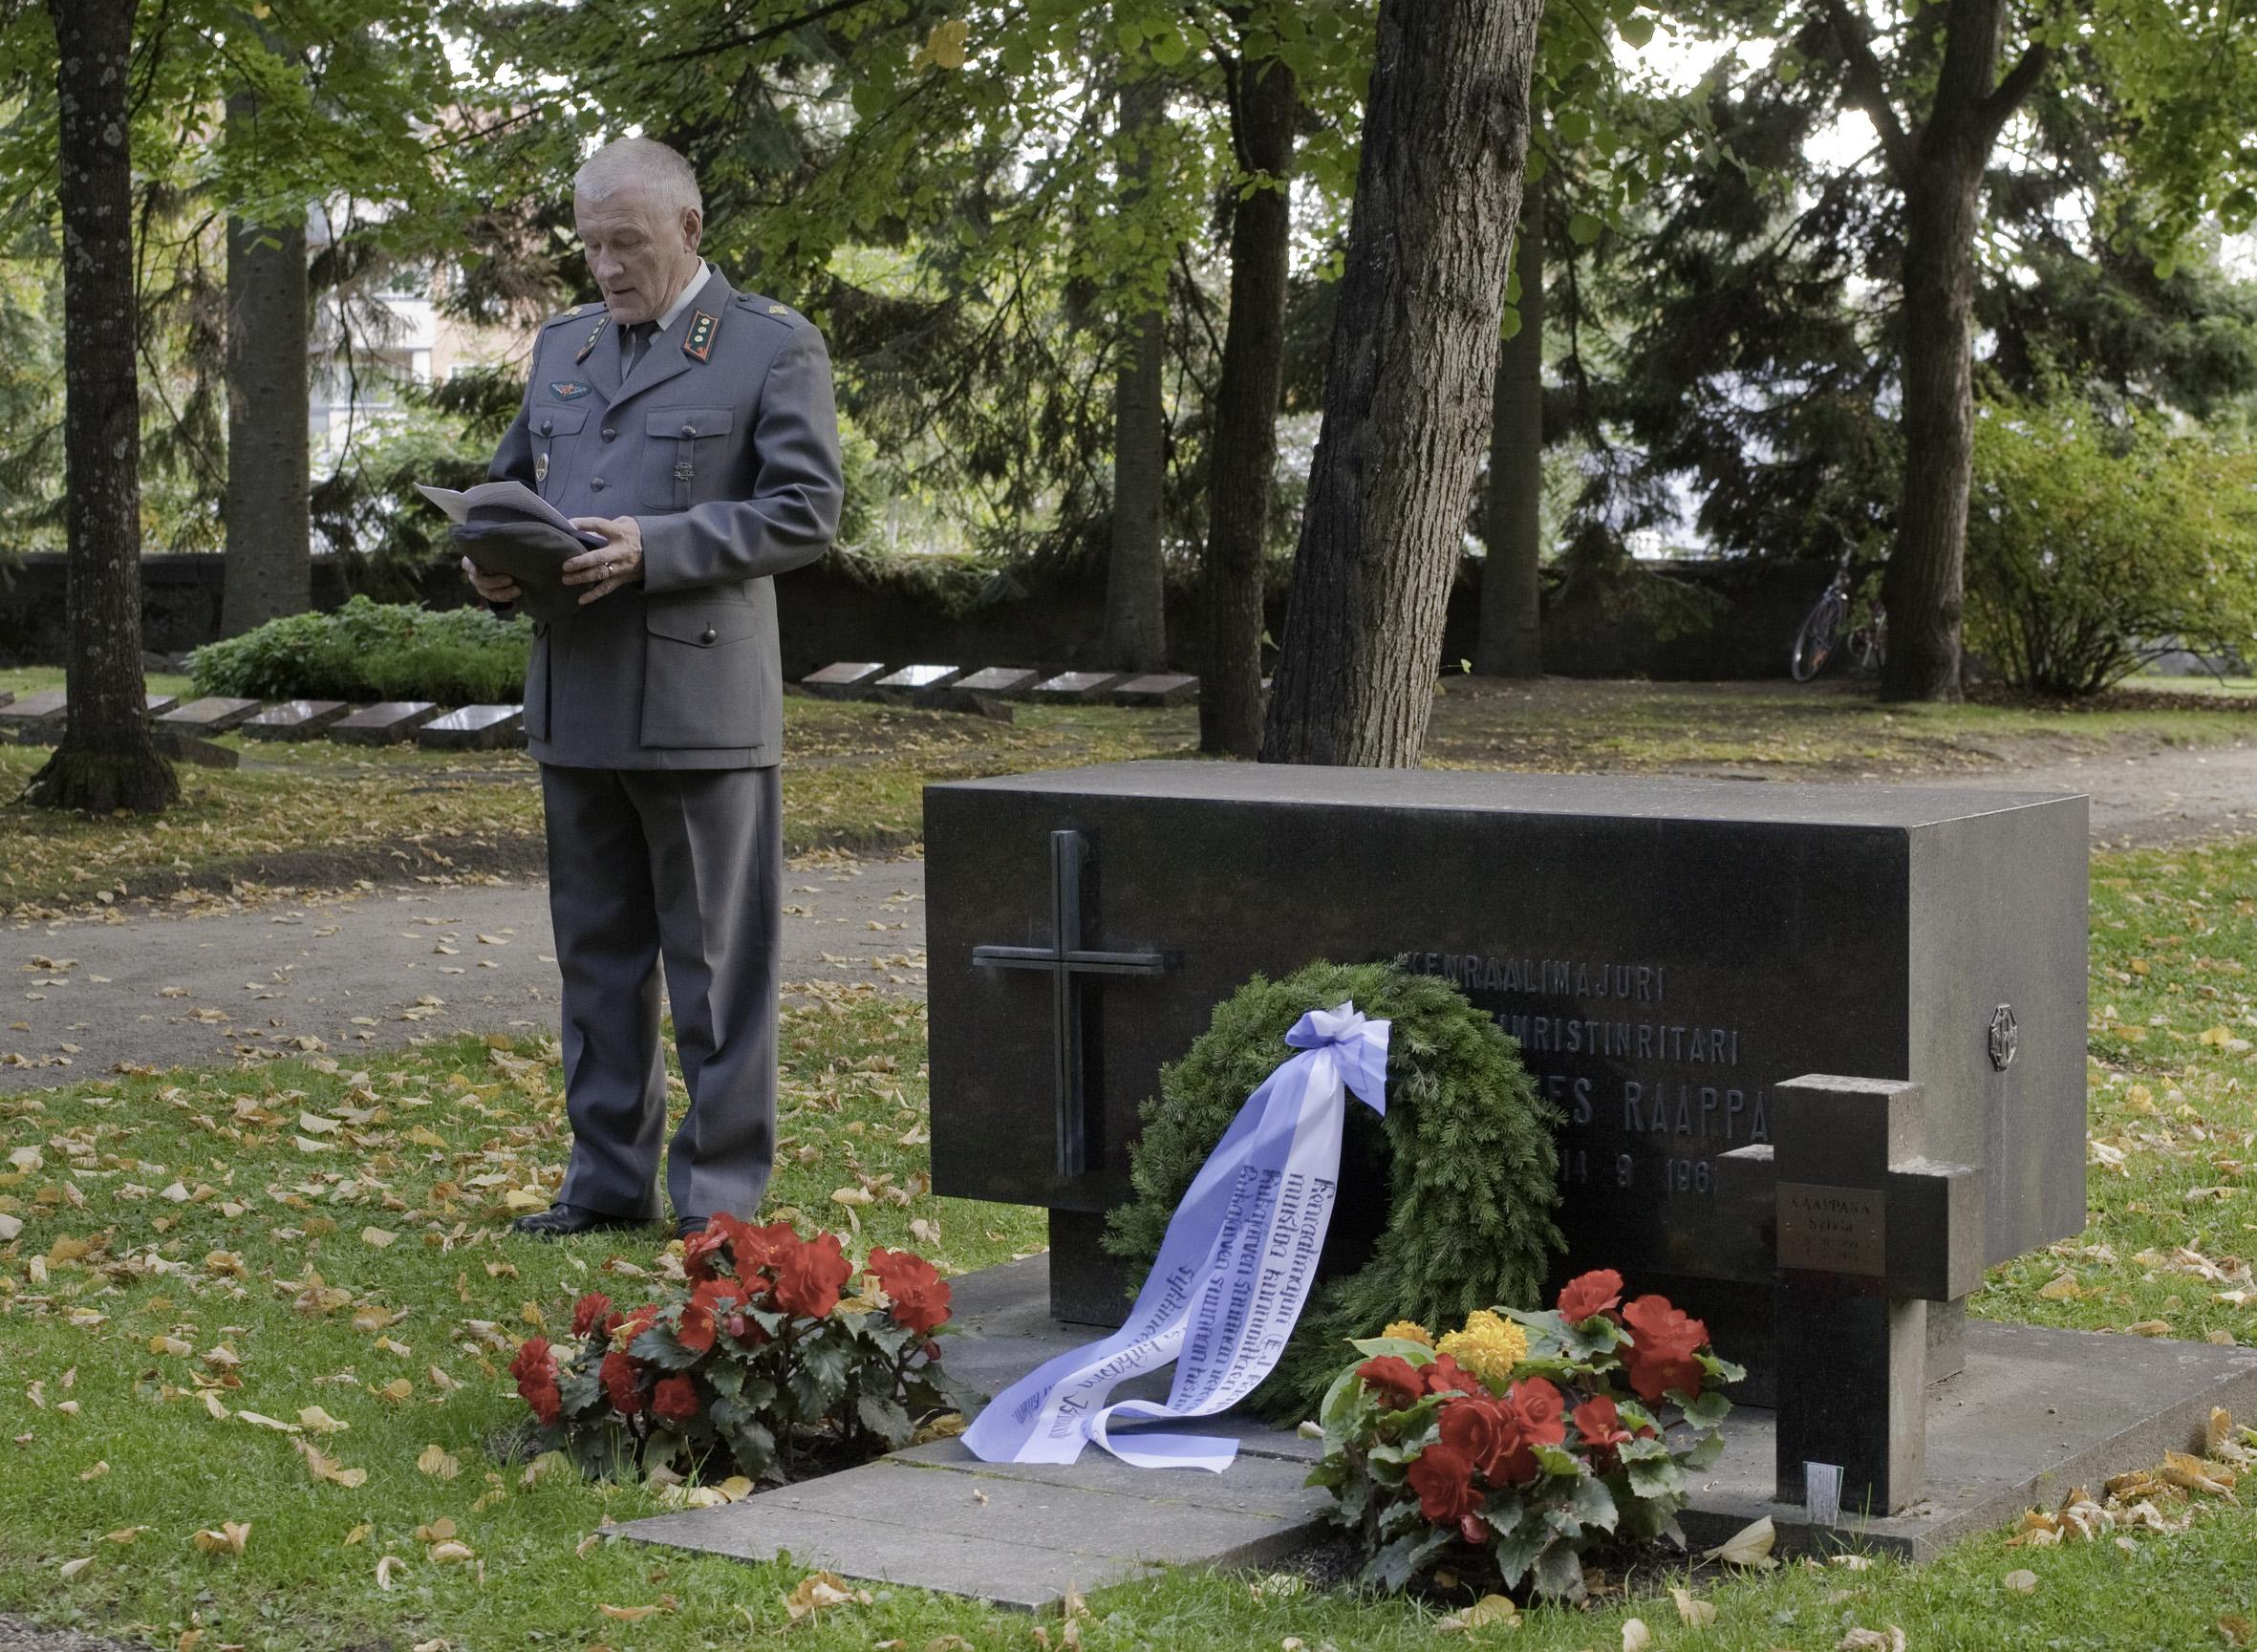 Sotahistorioitsija, rajakapteeni Tauno Oksanen pitää puhetta kenraalimajuri E.J. Raappanan (2.6.1893-14.9.1962) haudalla yhdistyksemme järjestämässä muistotilaisuudessa 14.9.2012, jolloin tuli kuluneeksi 50 vuotta E.J. Raappanan kuolemasta.